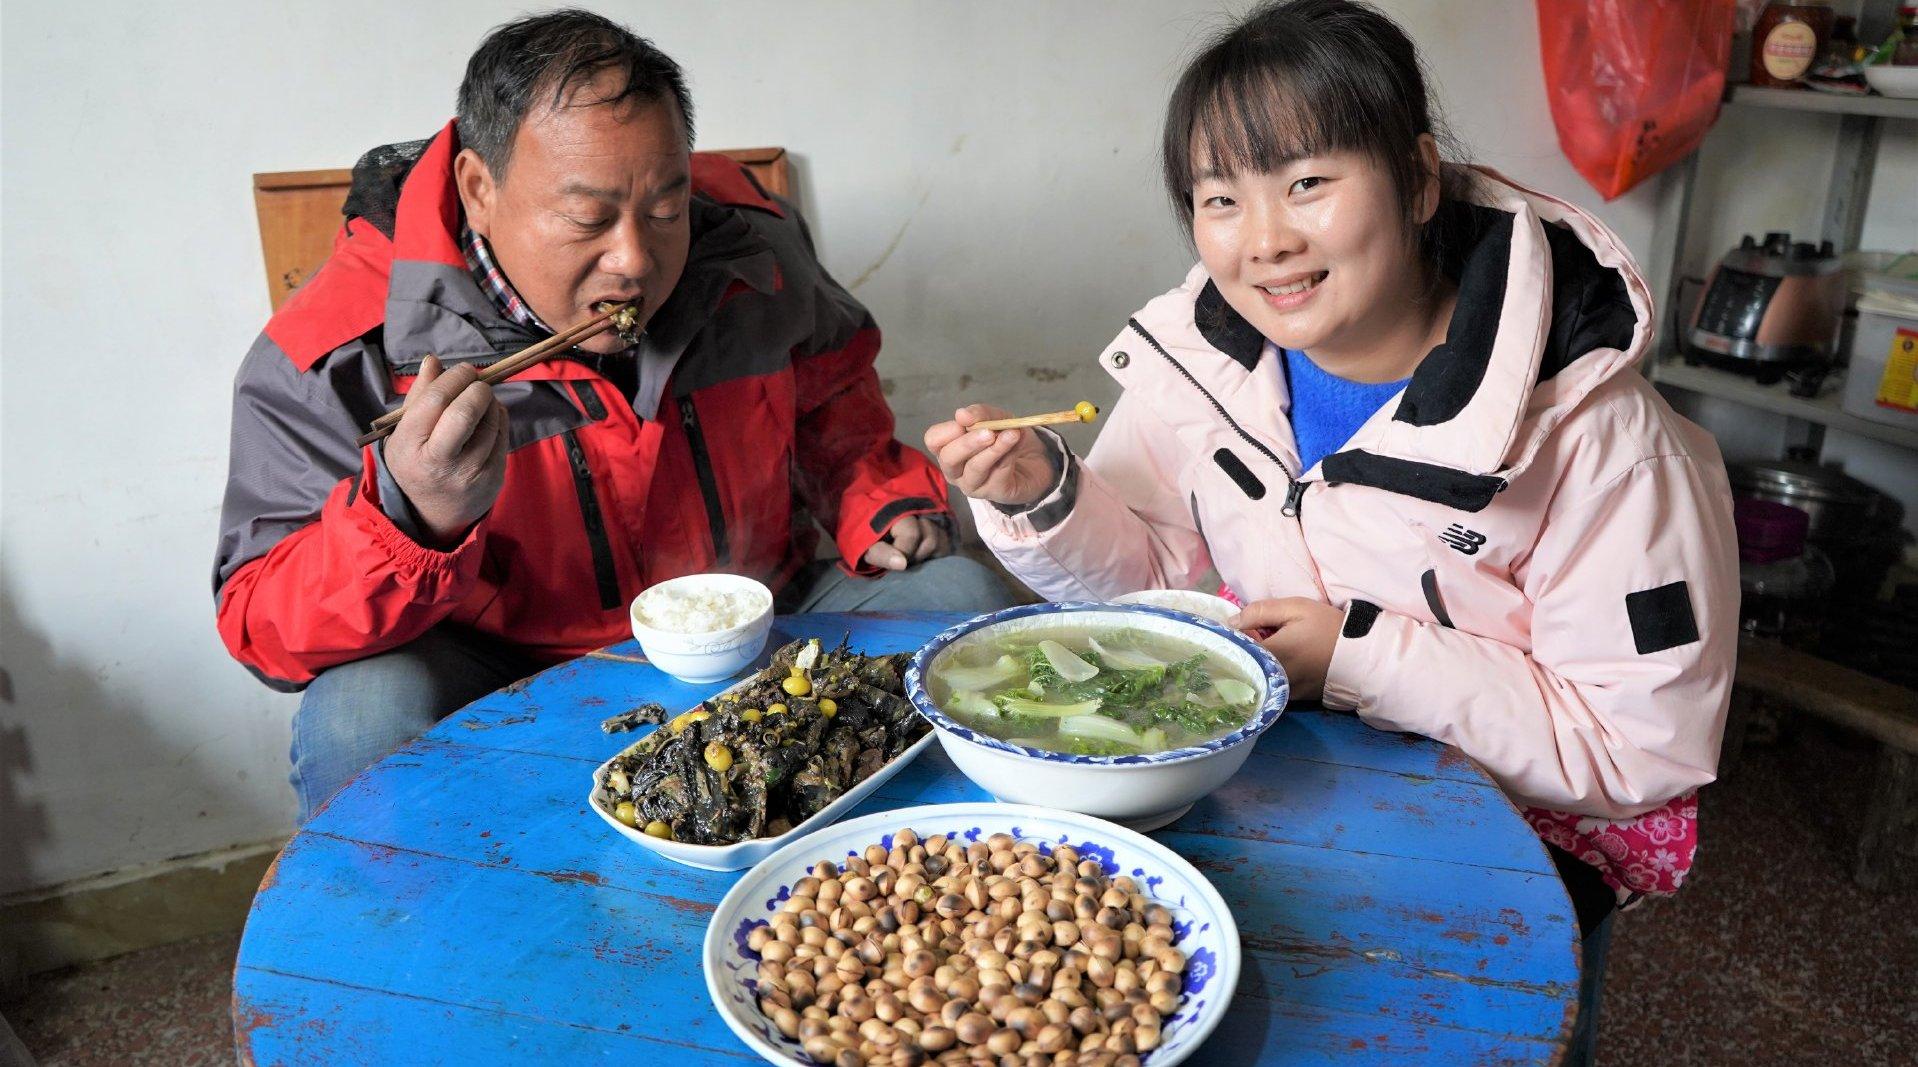 农村银杏果肉臭味扑鼻,莹莹用来给爸爸做美食,让人大开眼界